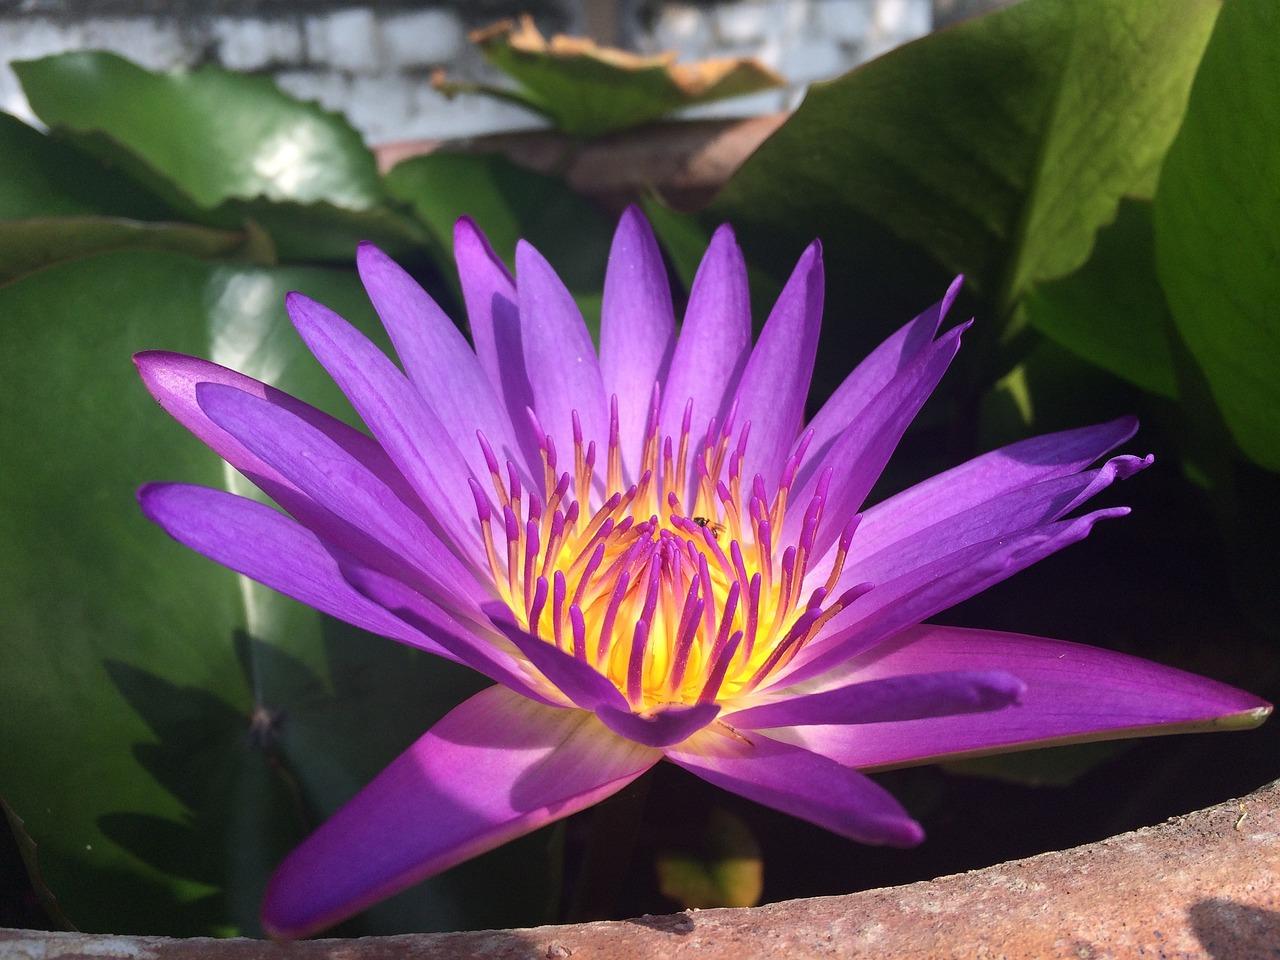 необитаемом острове лотос фото лиловый цветоводстве пользуется популярностью